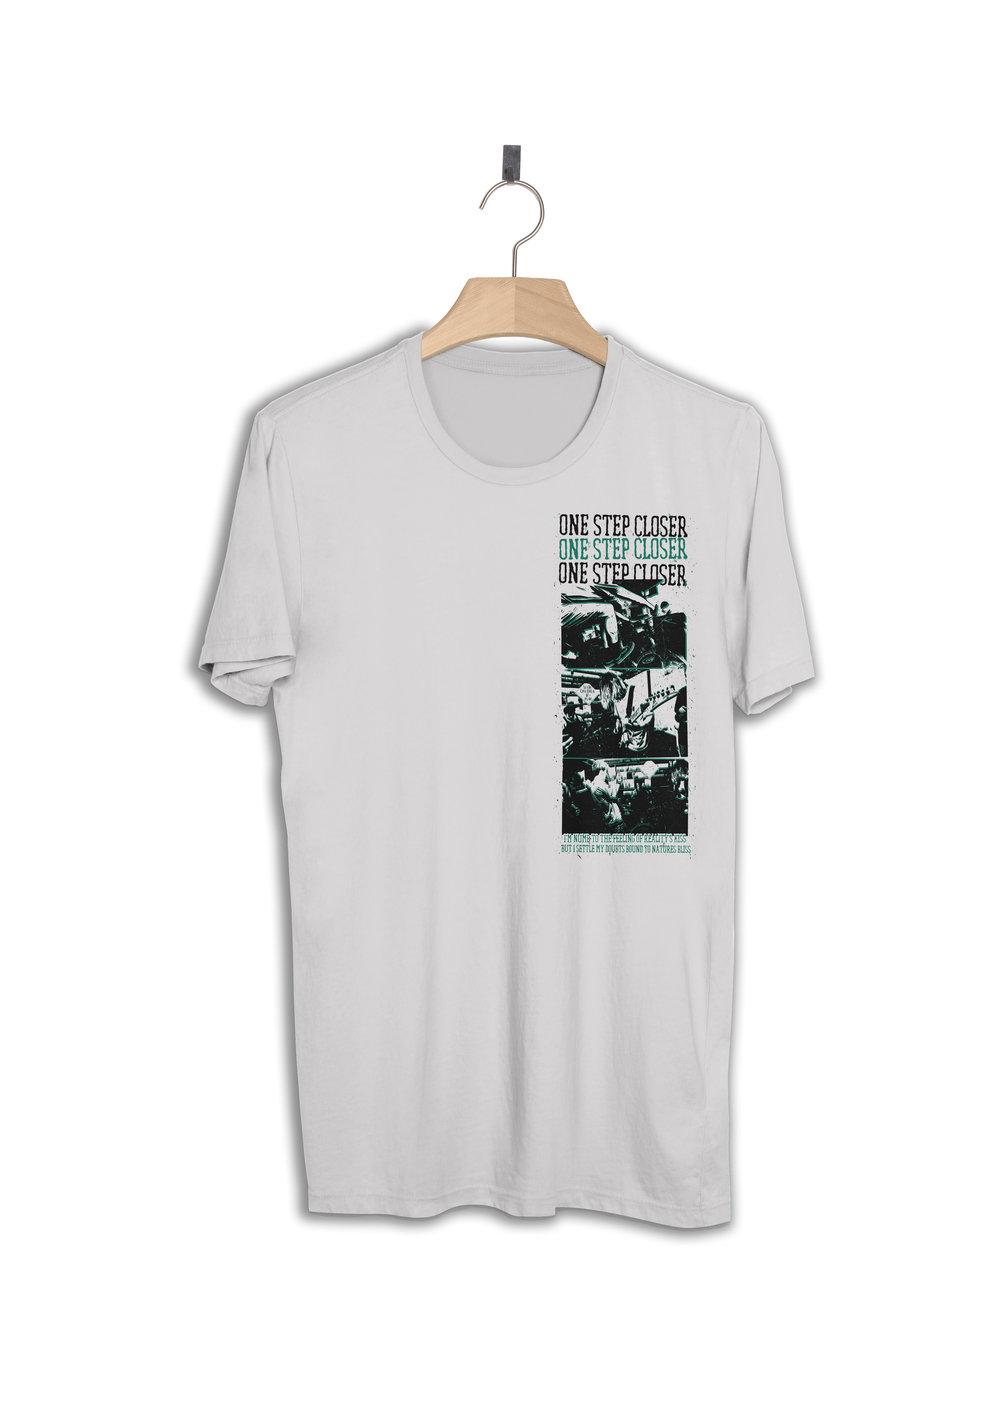 website shirt.jpg